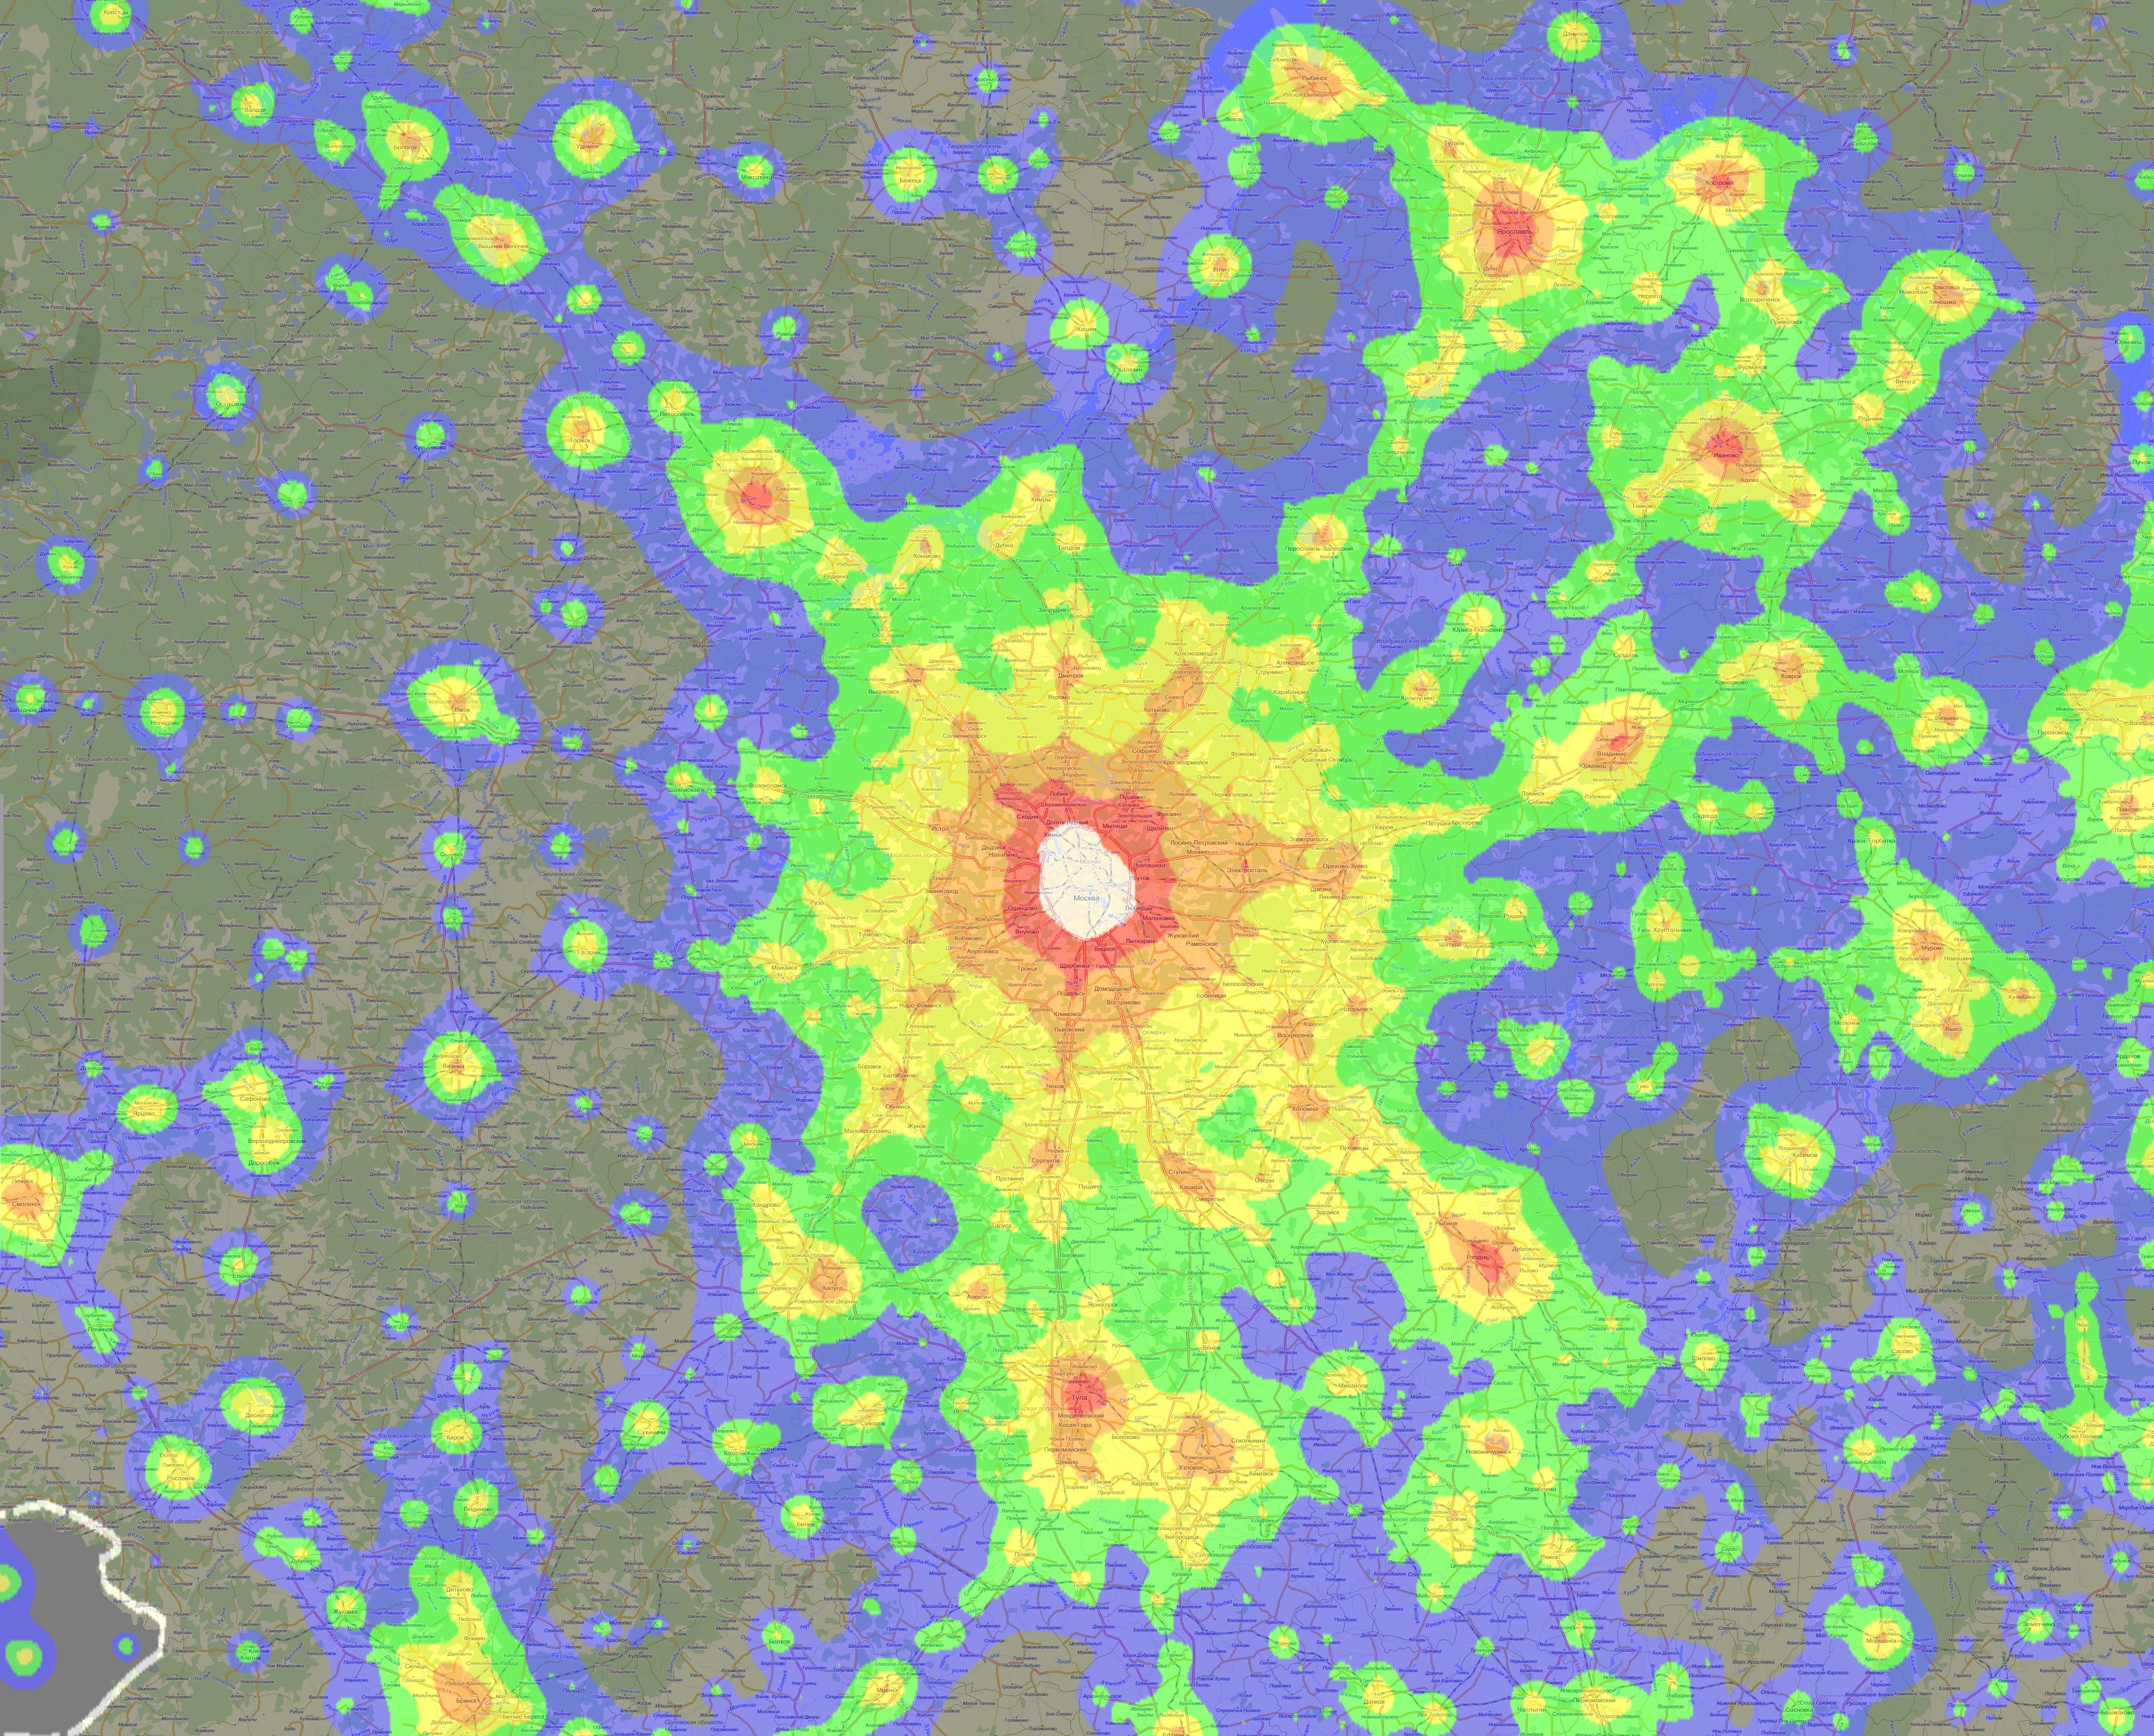 lightmap2008